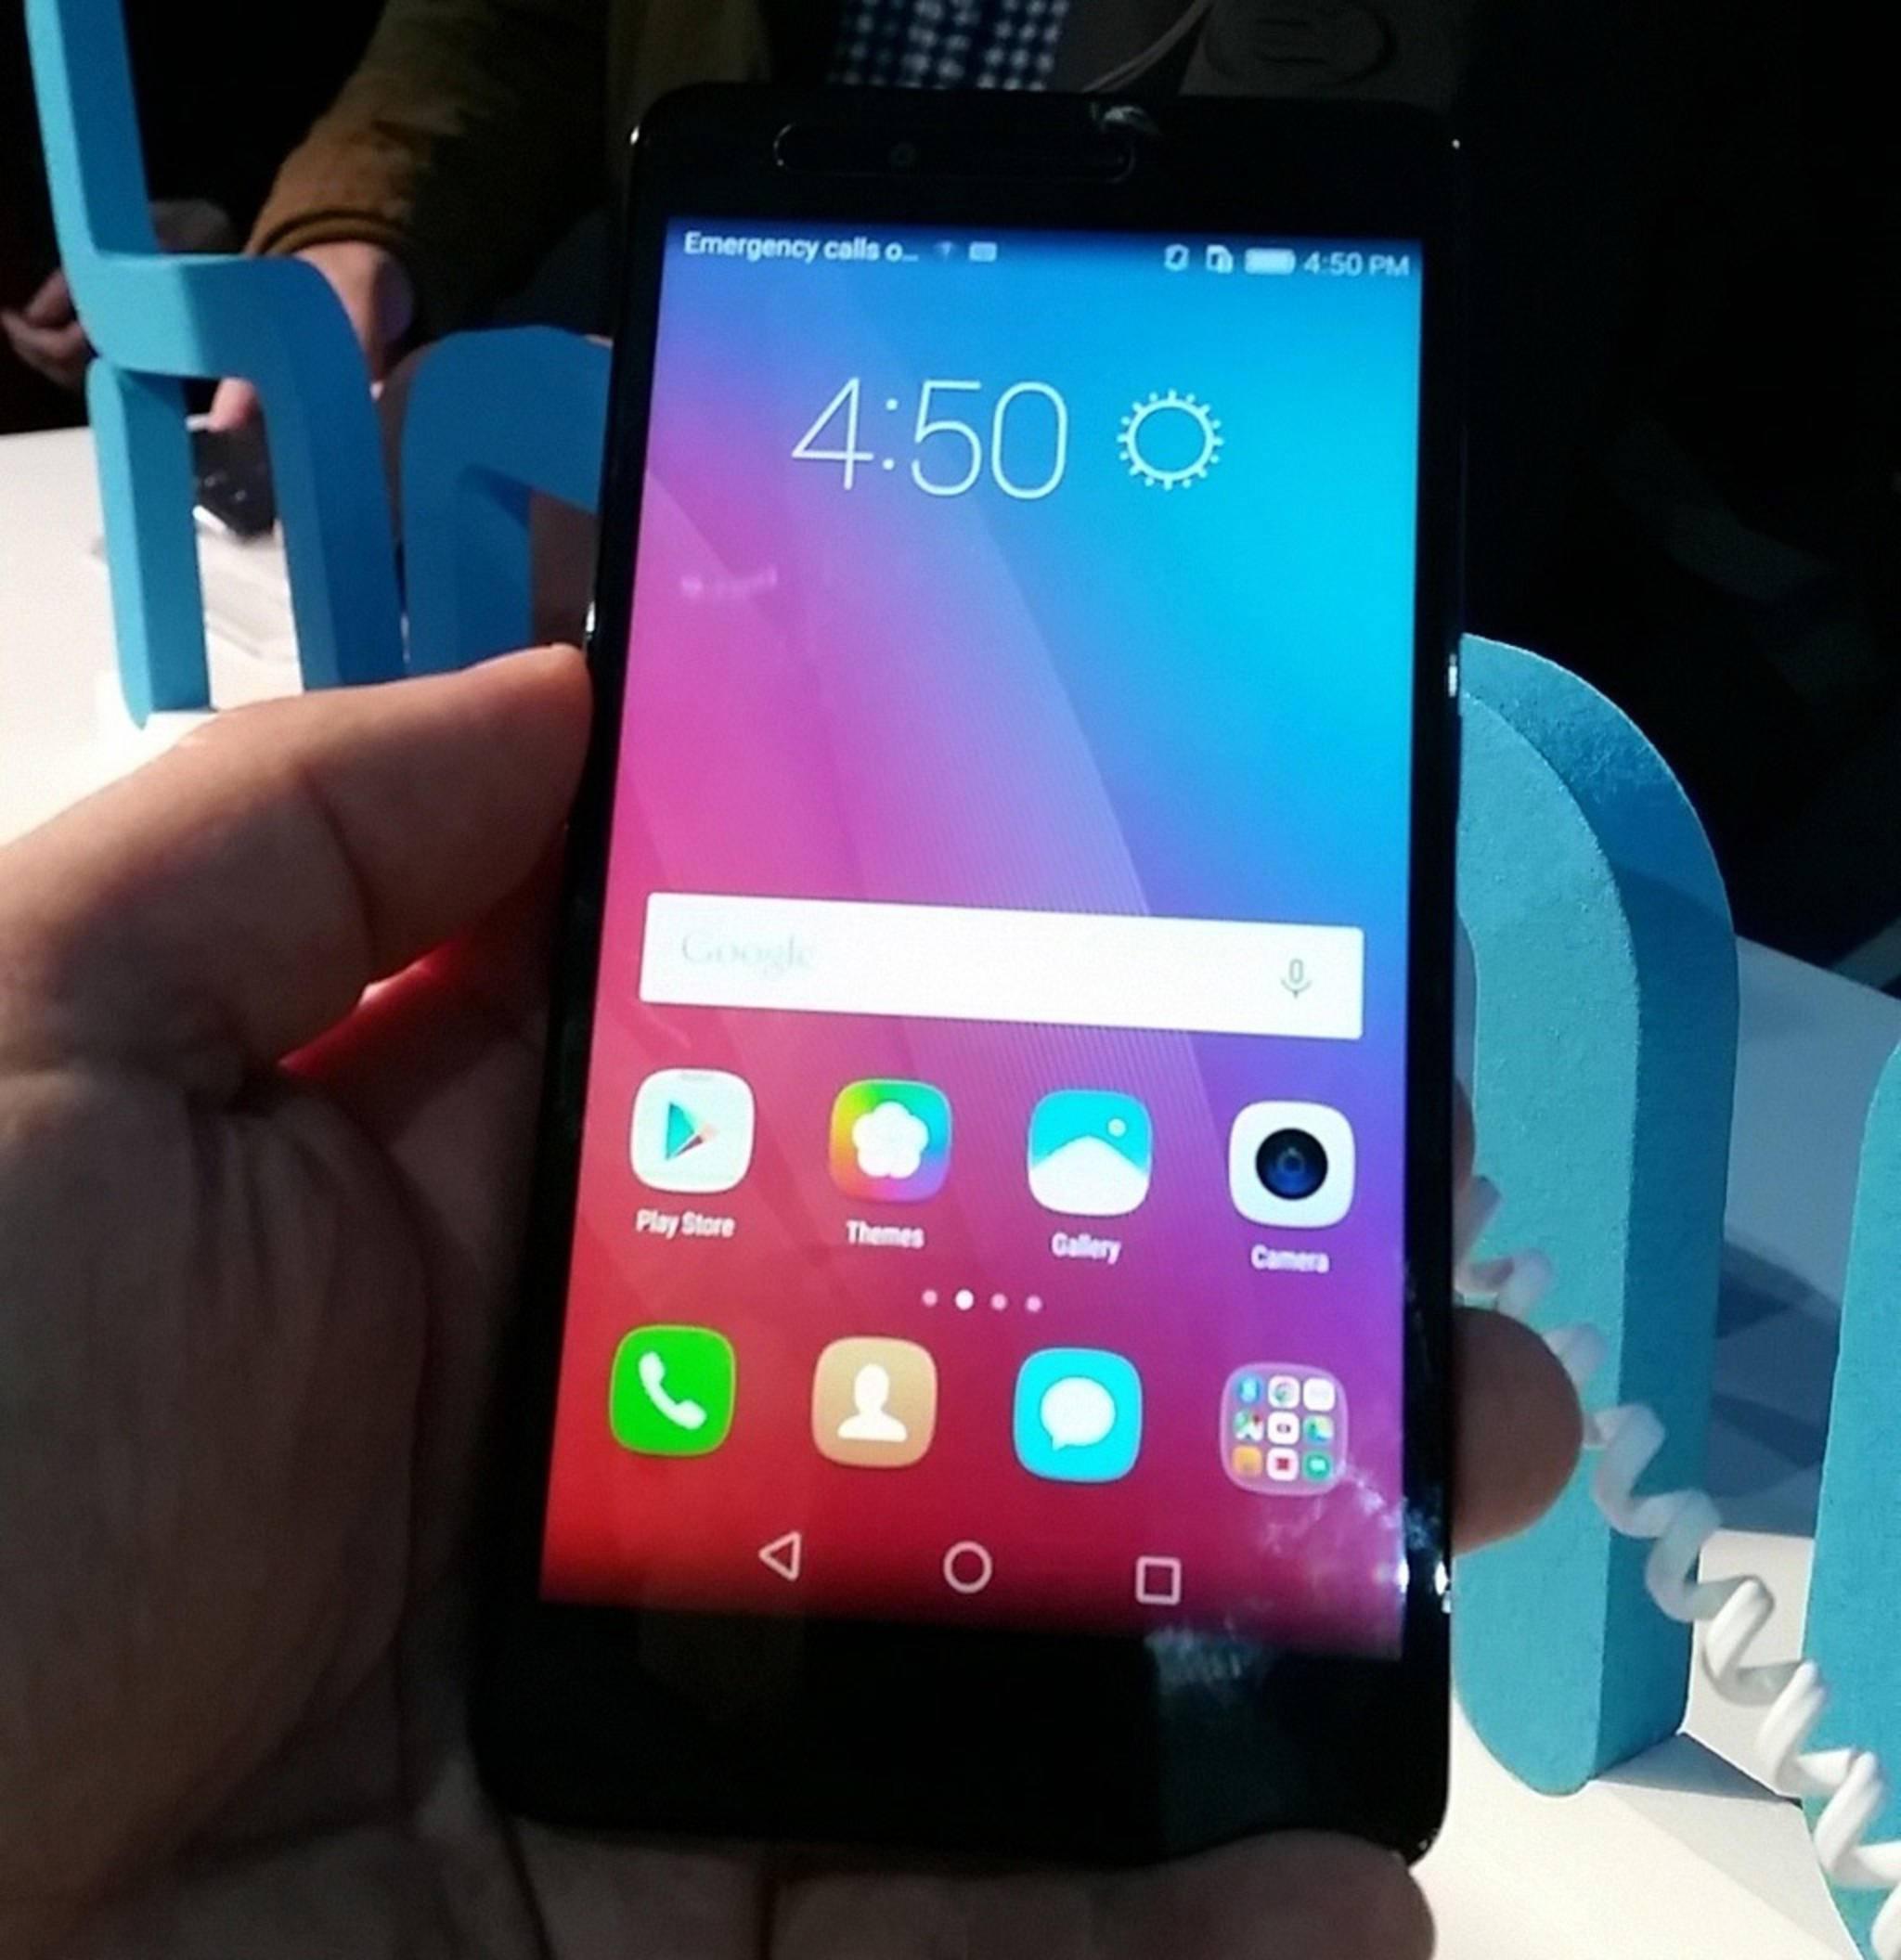 Wir waren beim Deutschlandstart des Honor 5X anwesend und testen das Smartphone.